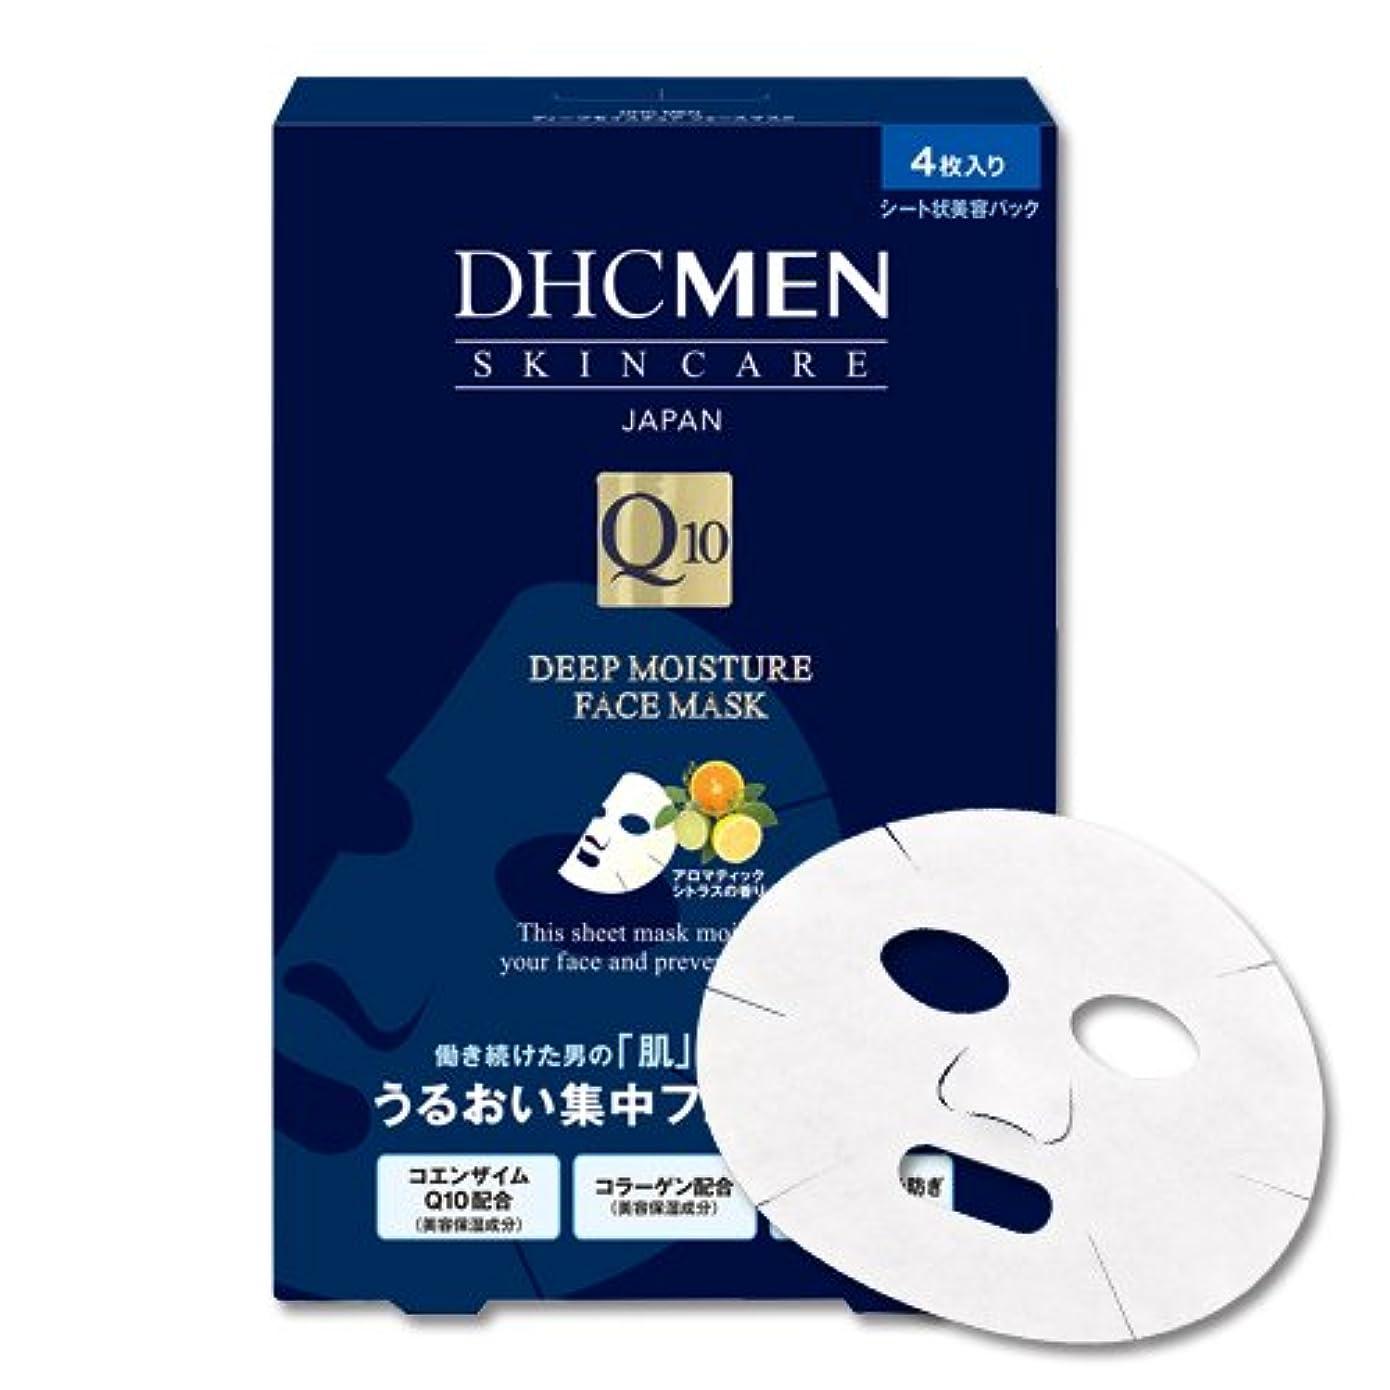 立ち向かうヒップ君主制DHC MEN ディープモイスチュア フェースマスク